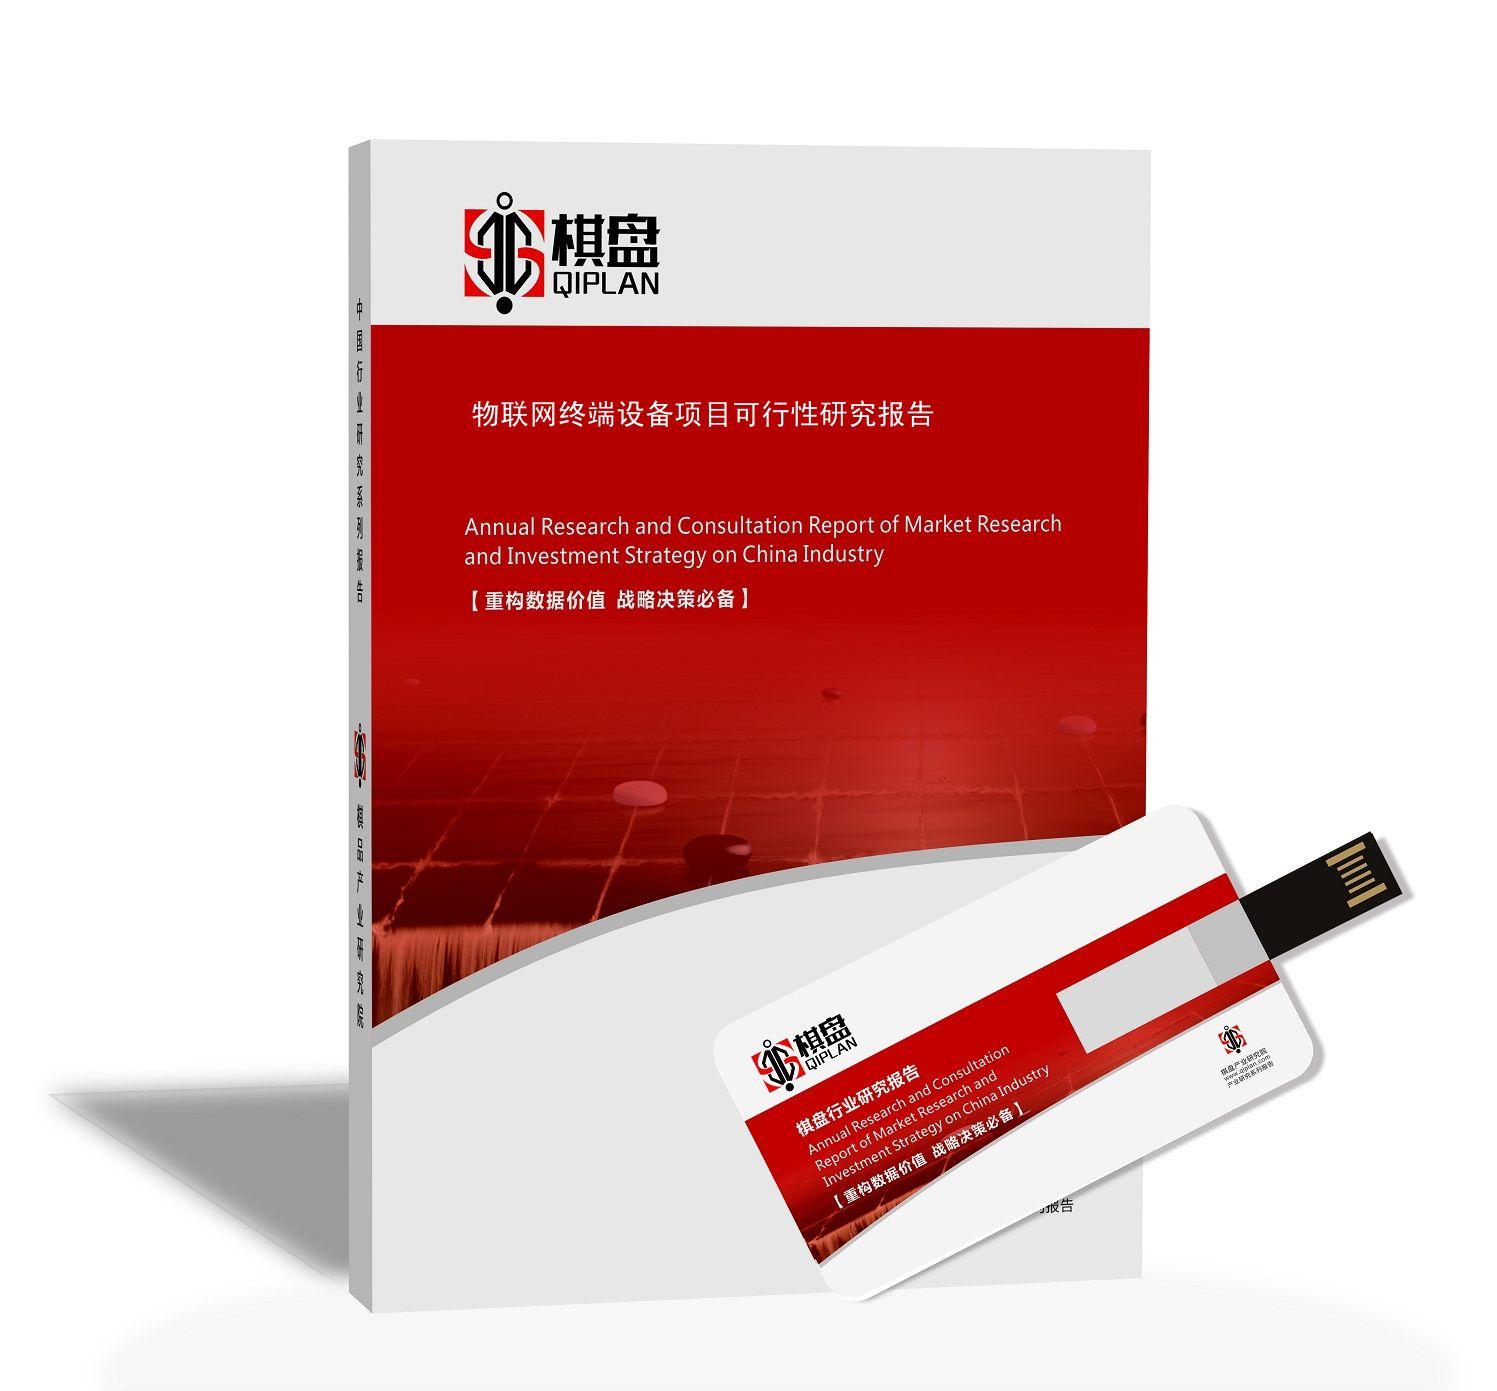 物联网终端设备项目可行性研究报告